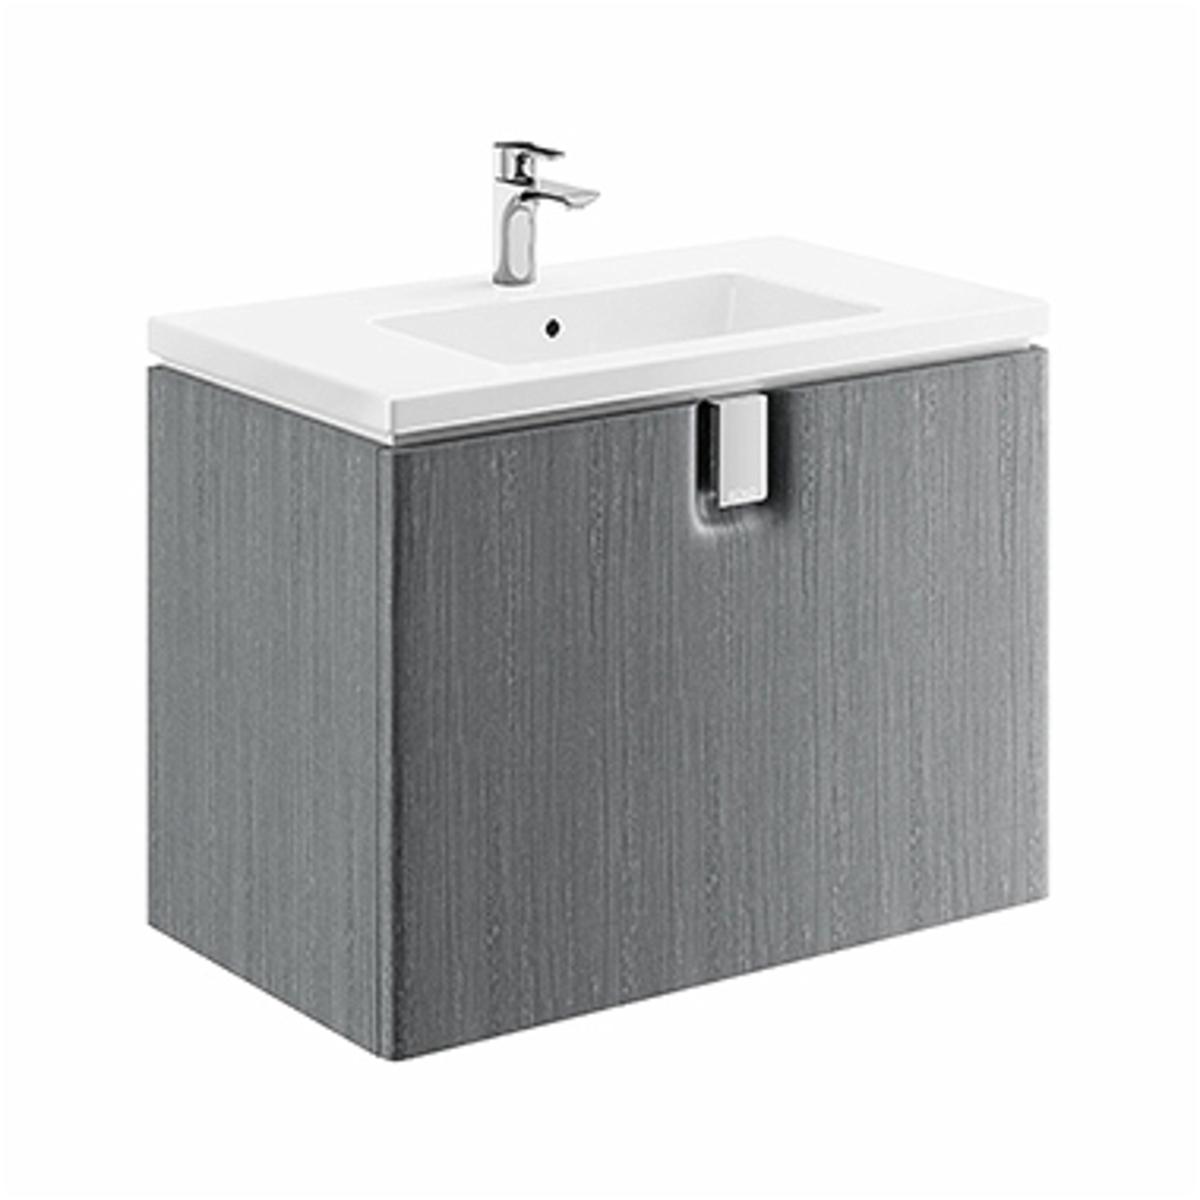 Kúpeľňová skrinka pod umývadlo KOLO Twins 80x57x46 cm strieborný grafit 89551000